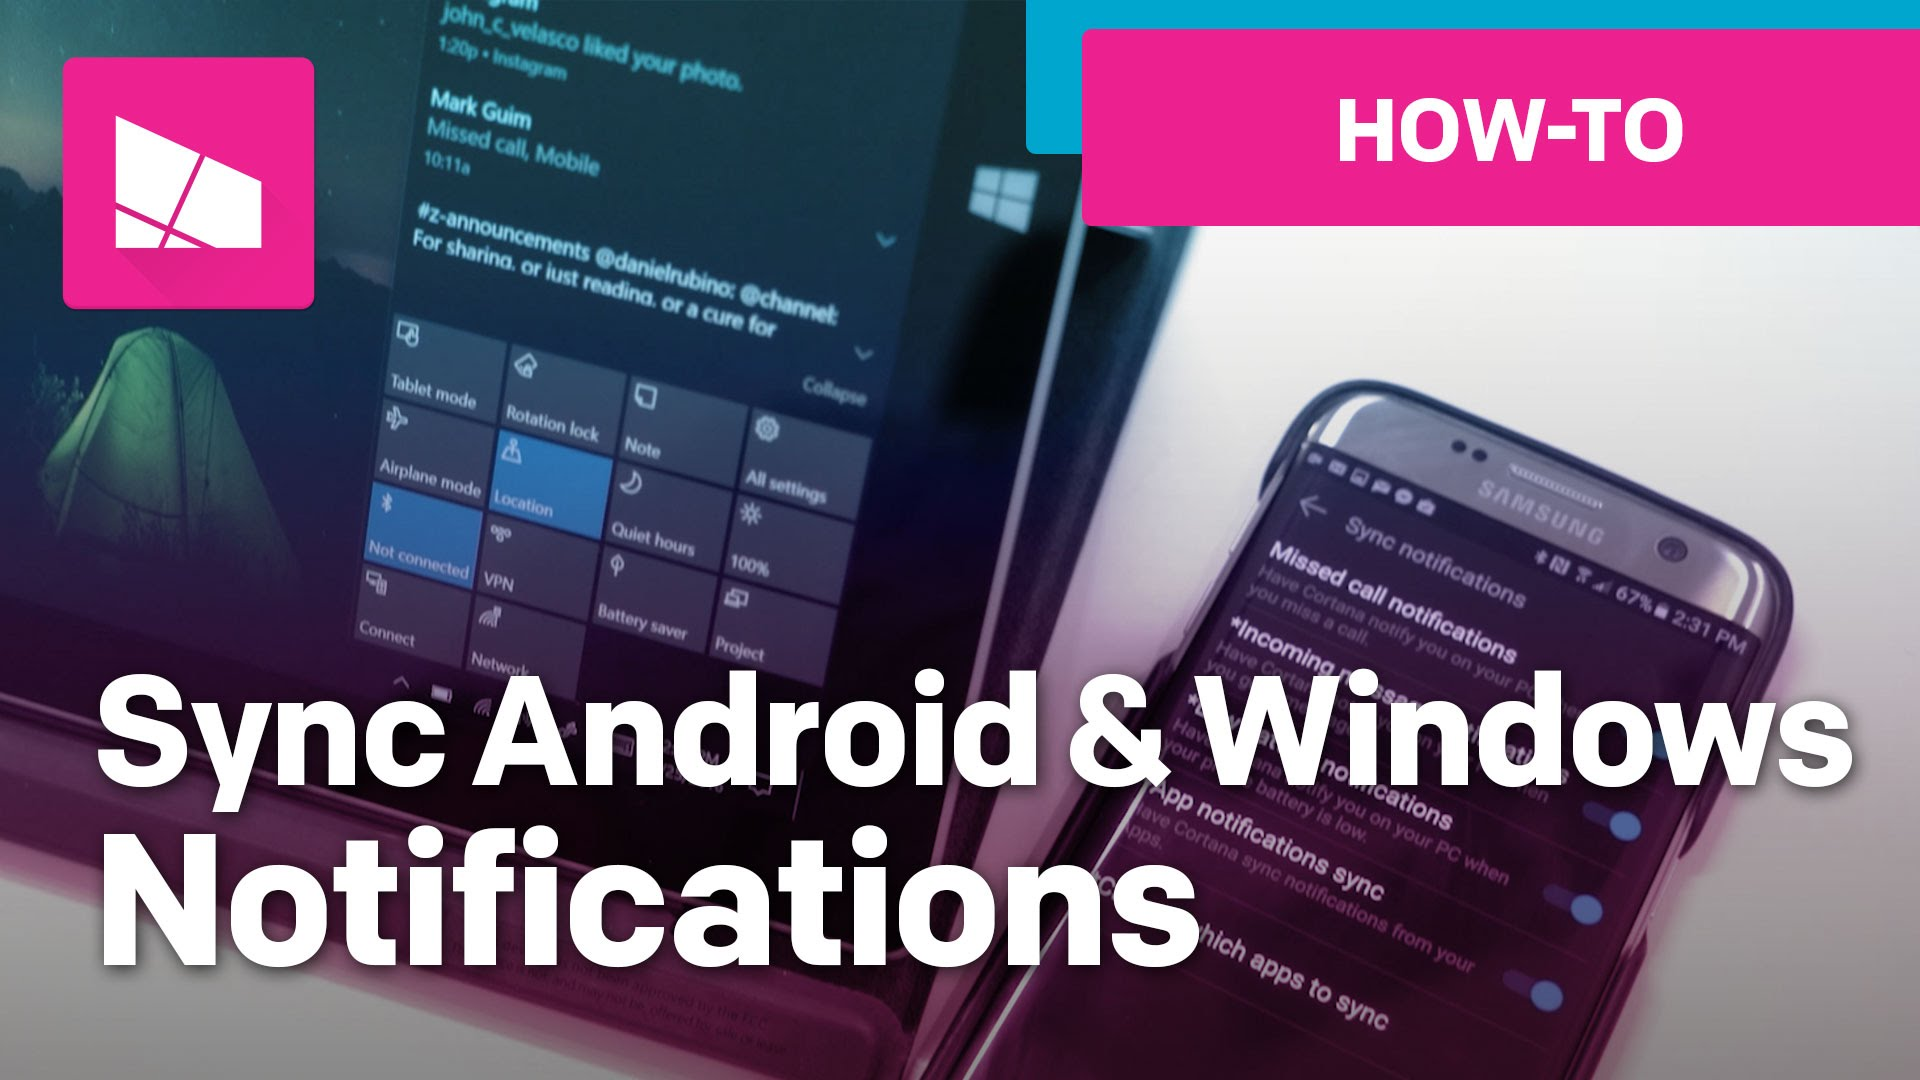 Android Windows 10 sync notifications featured - Hướng dẫn đưa thông báo trên Android lên máy tính bằng Cortana